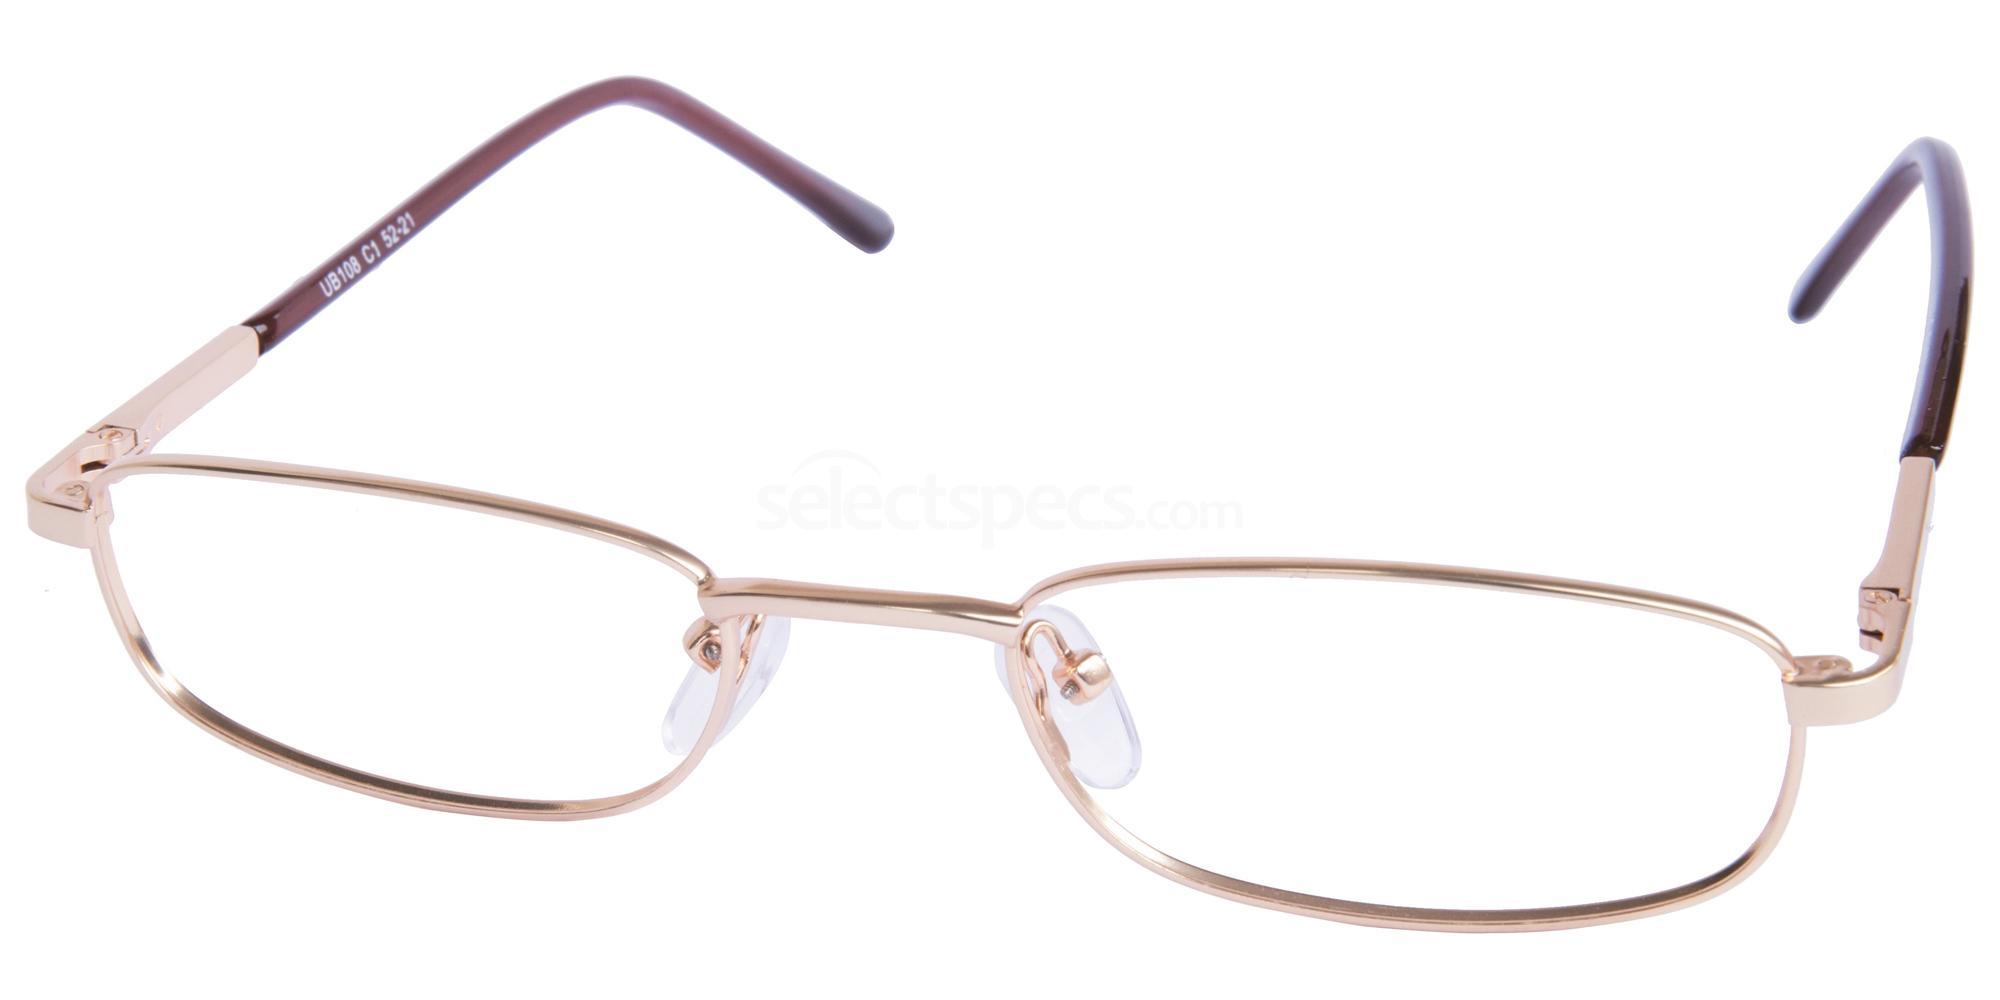 micro specs glasses trend 2019 women's fashion